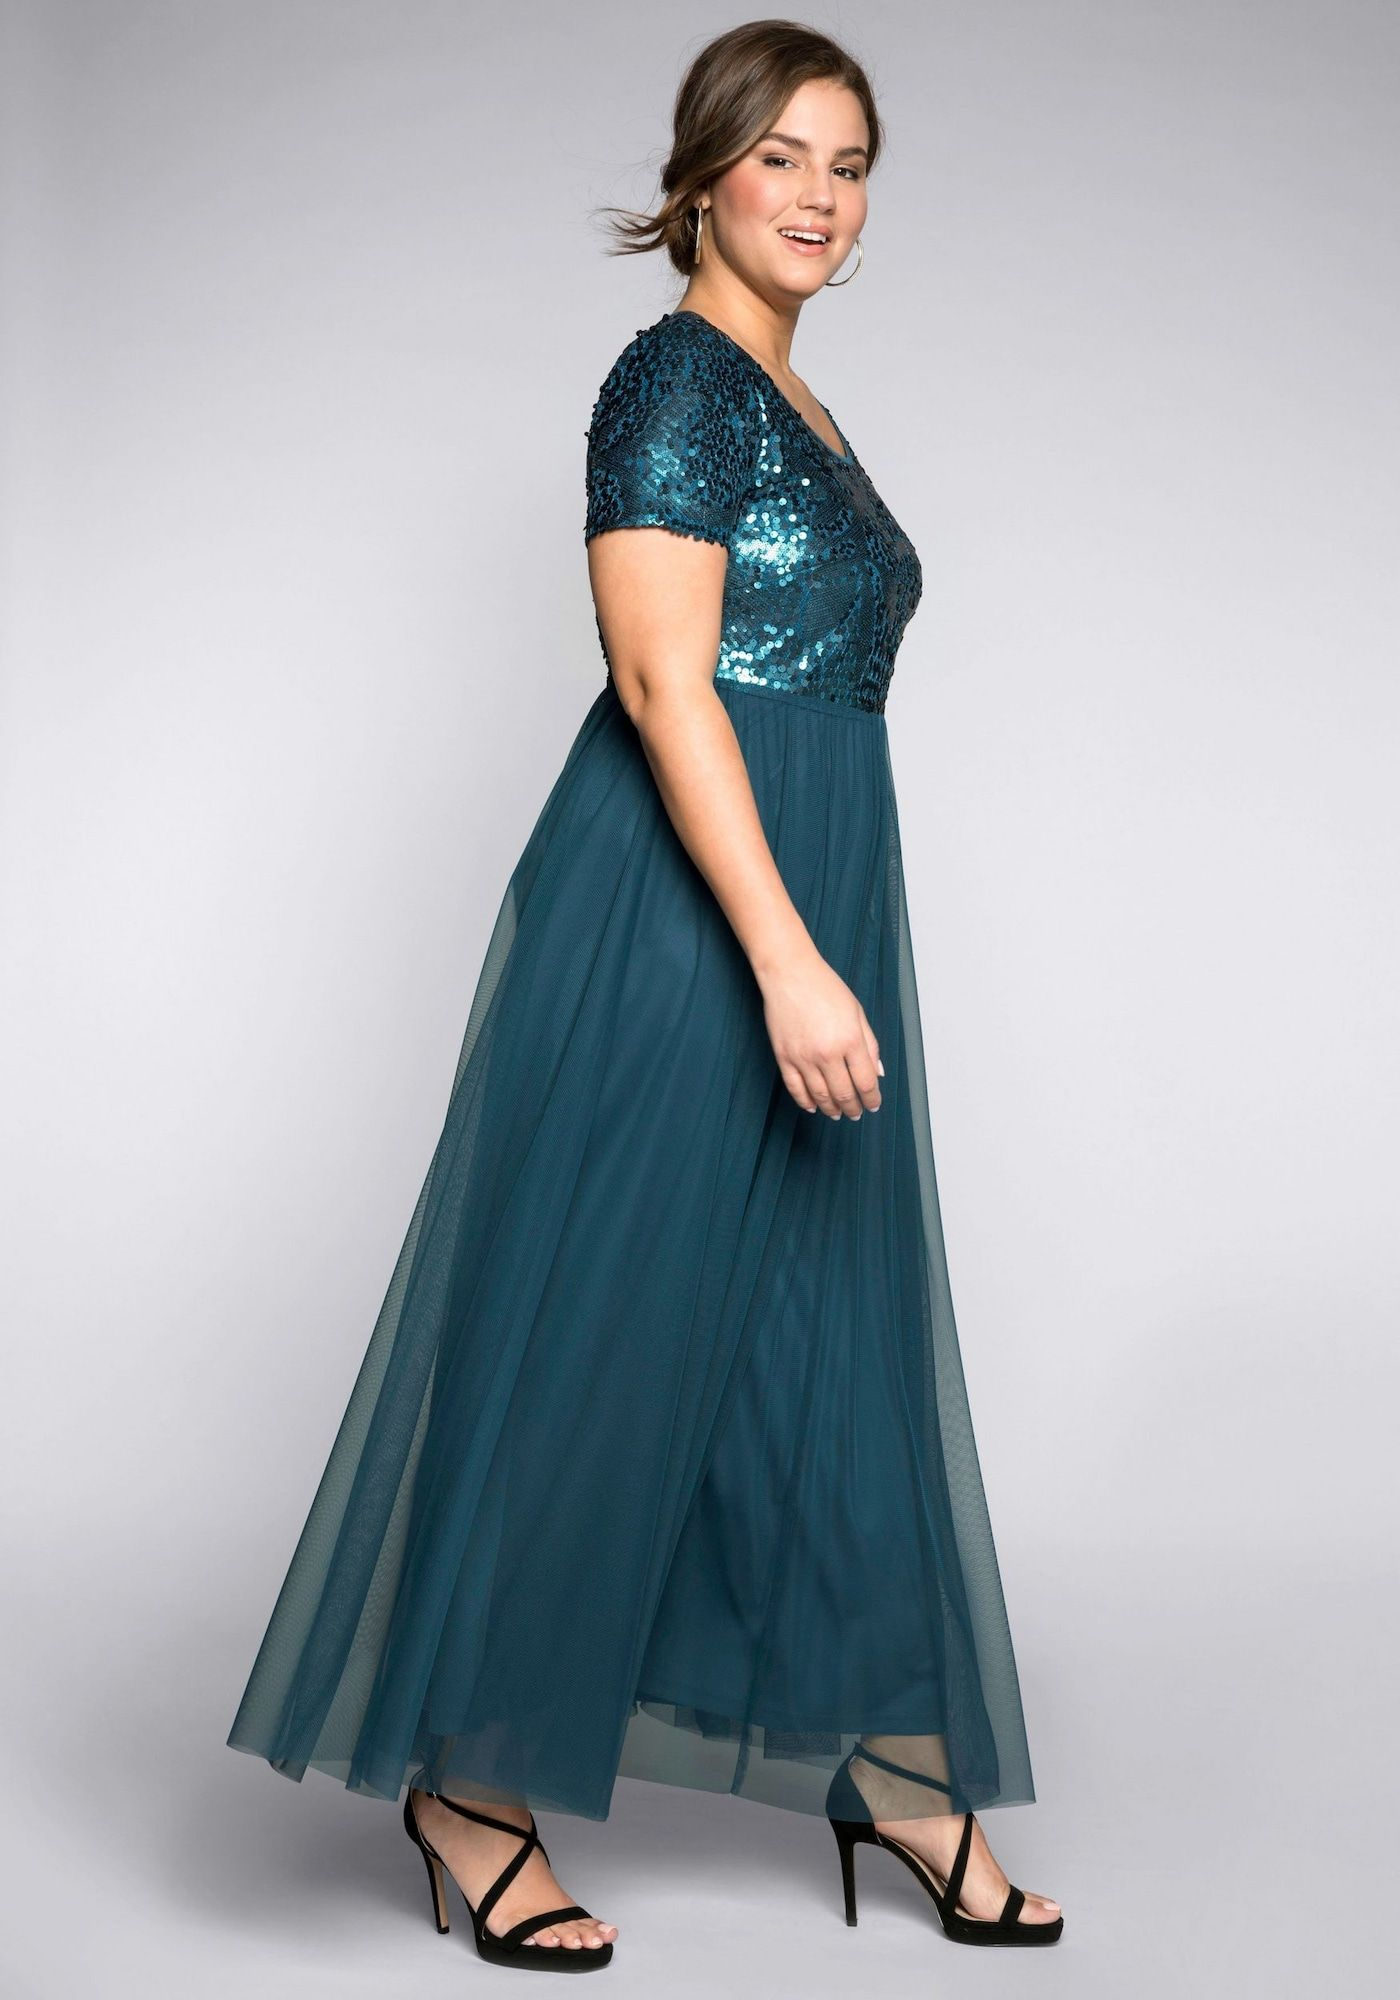 SHEEGO Kleid Damen, Petrol, Größe 29  Kleider größe 29, Kleider